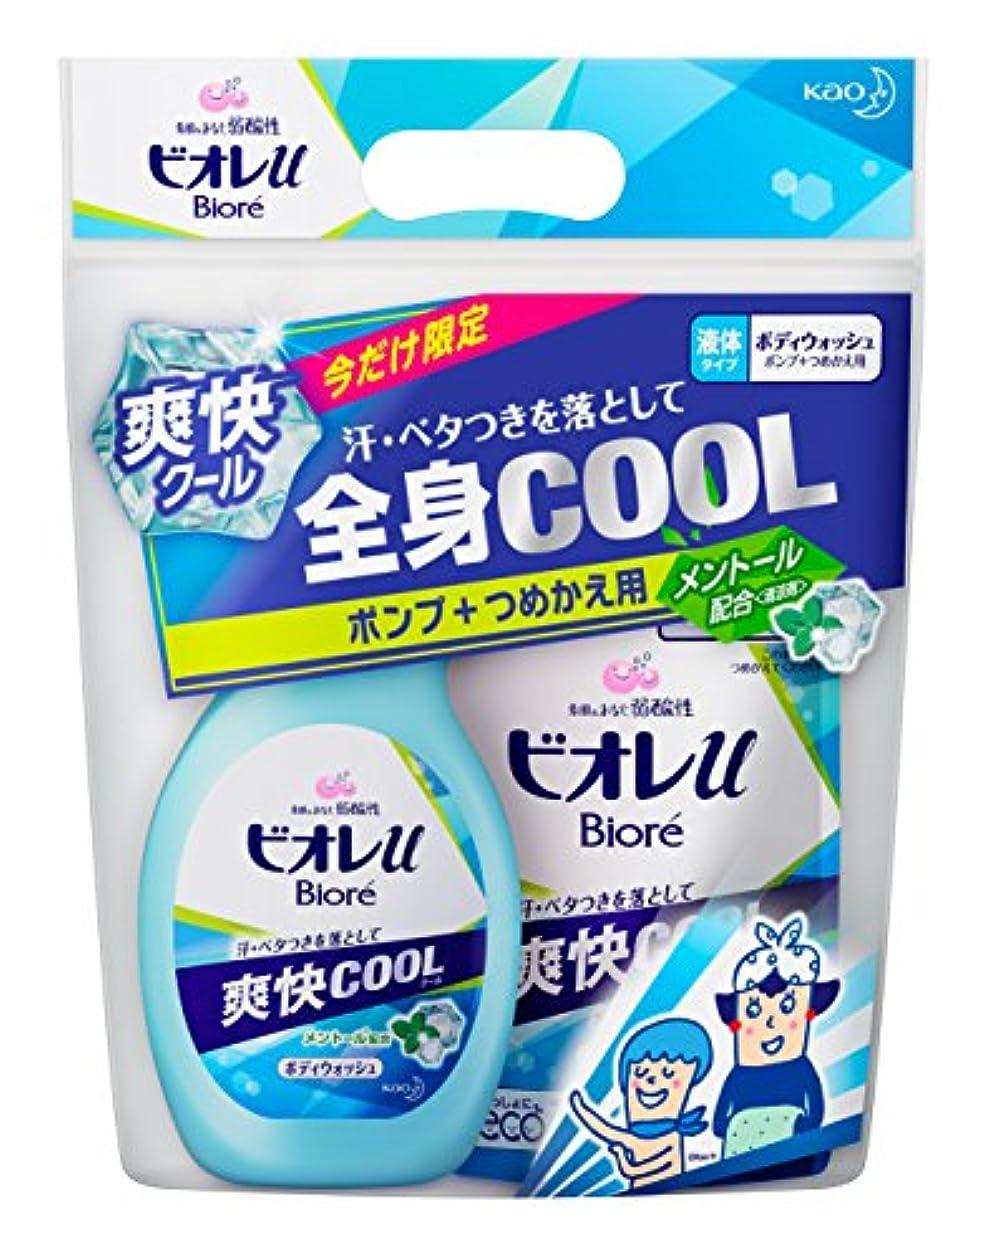 凍ったパック極小ビオレu 爽快クール ポンプ+つめかえ用 セット品 910ml